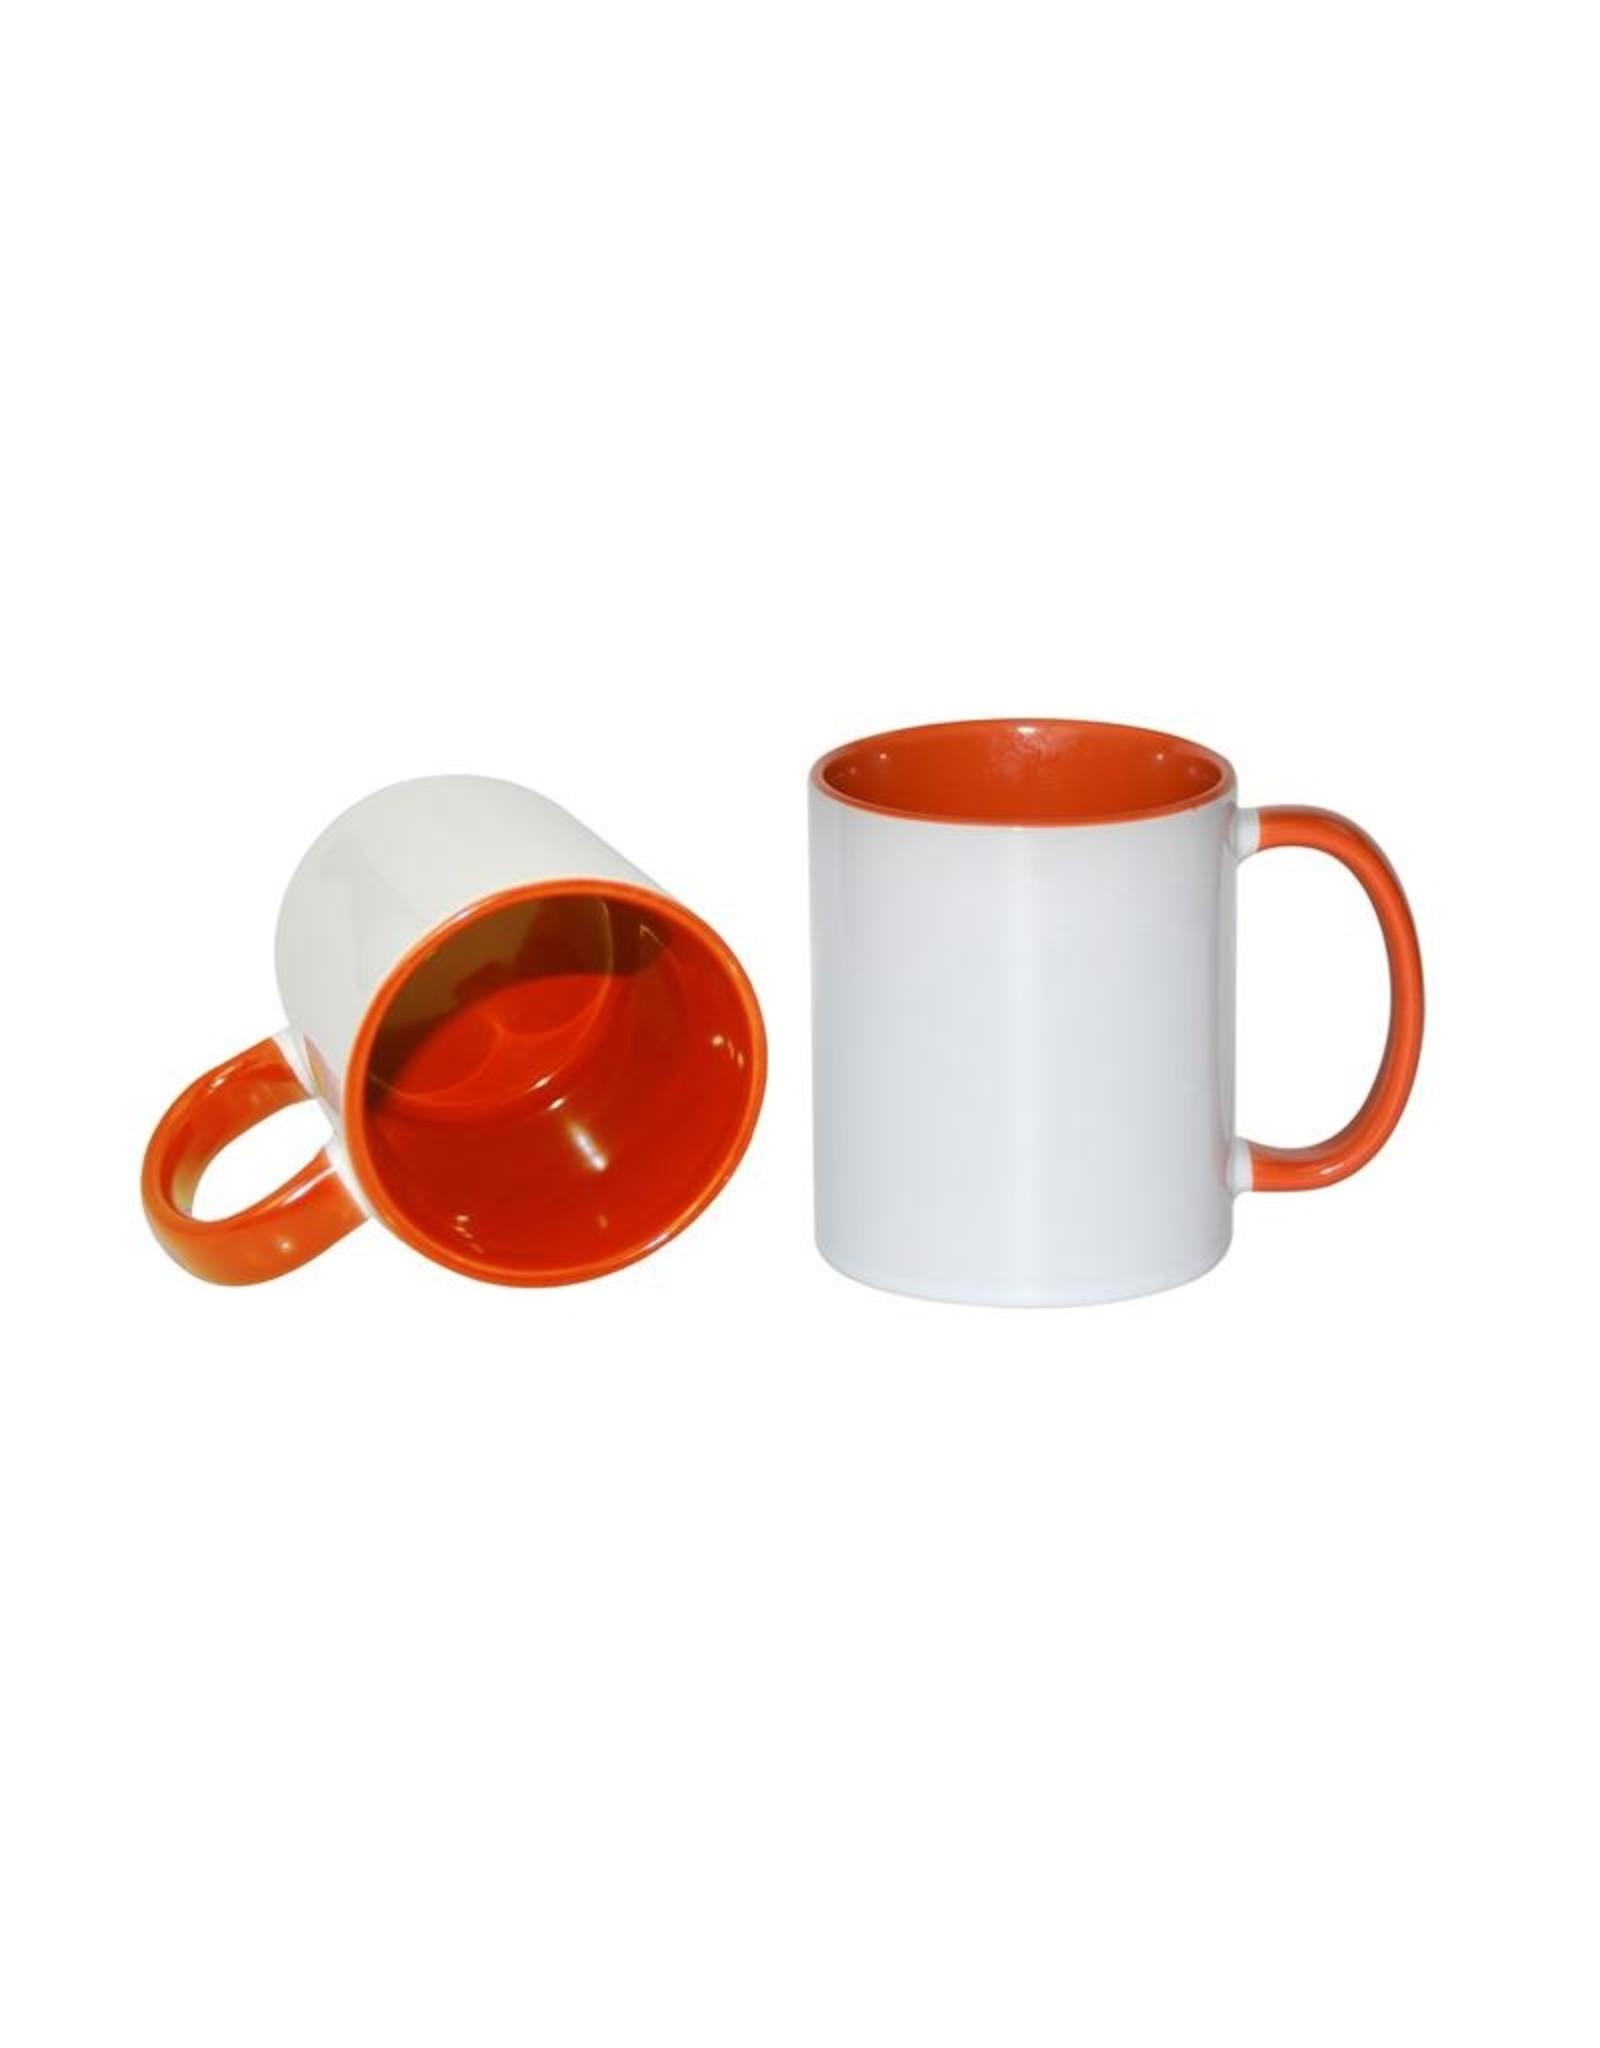 Mok met oranje gekleurde binnenkant en handvat